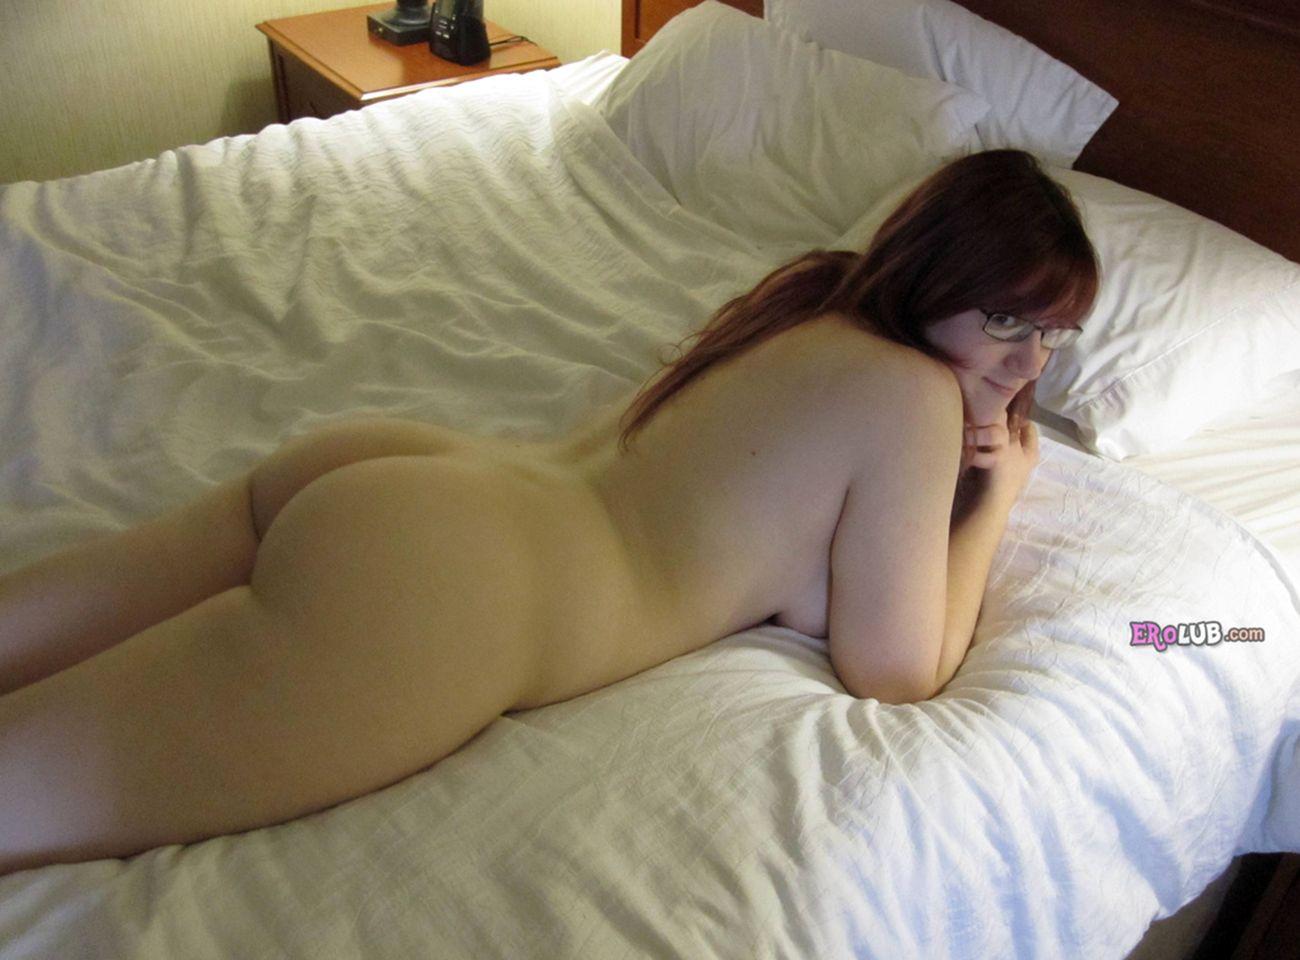 фото больших попок голых